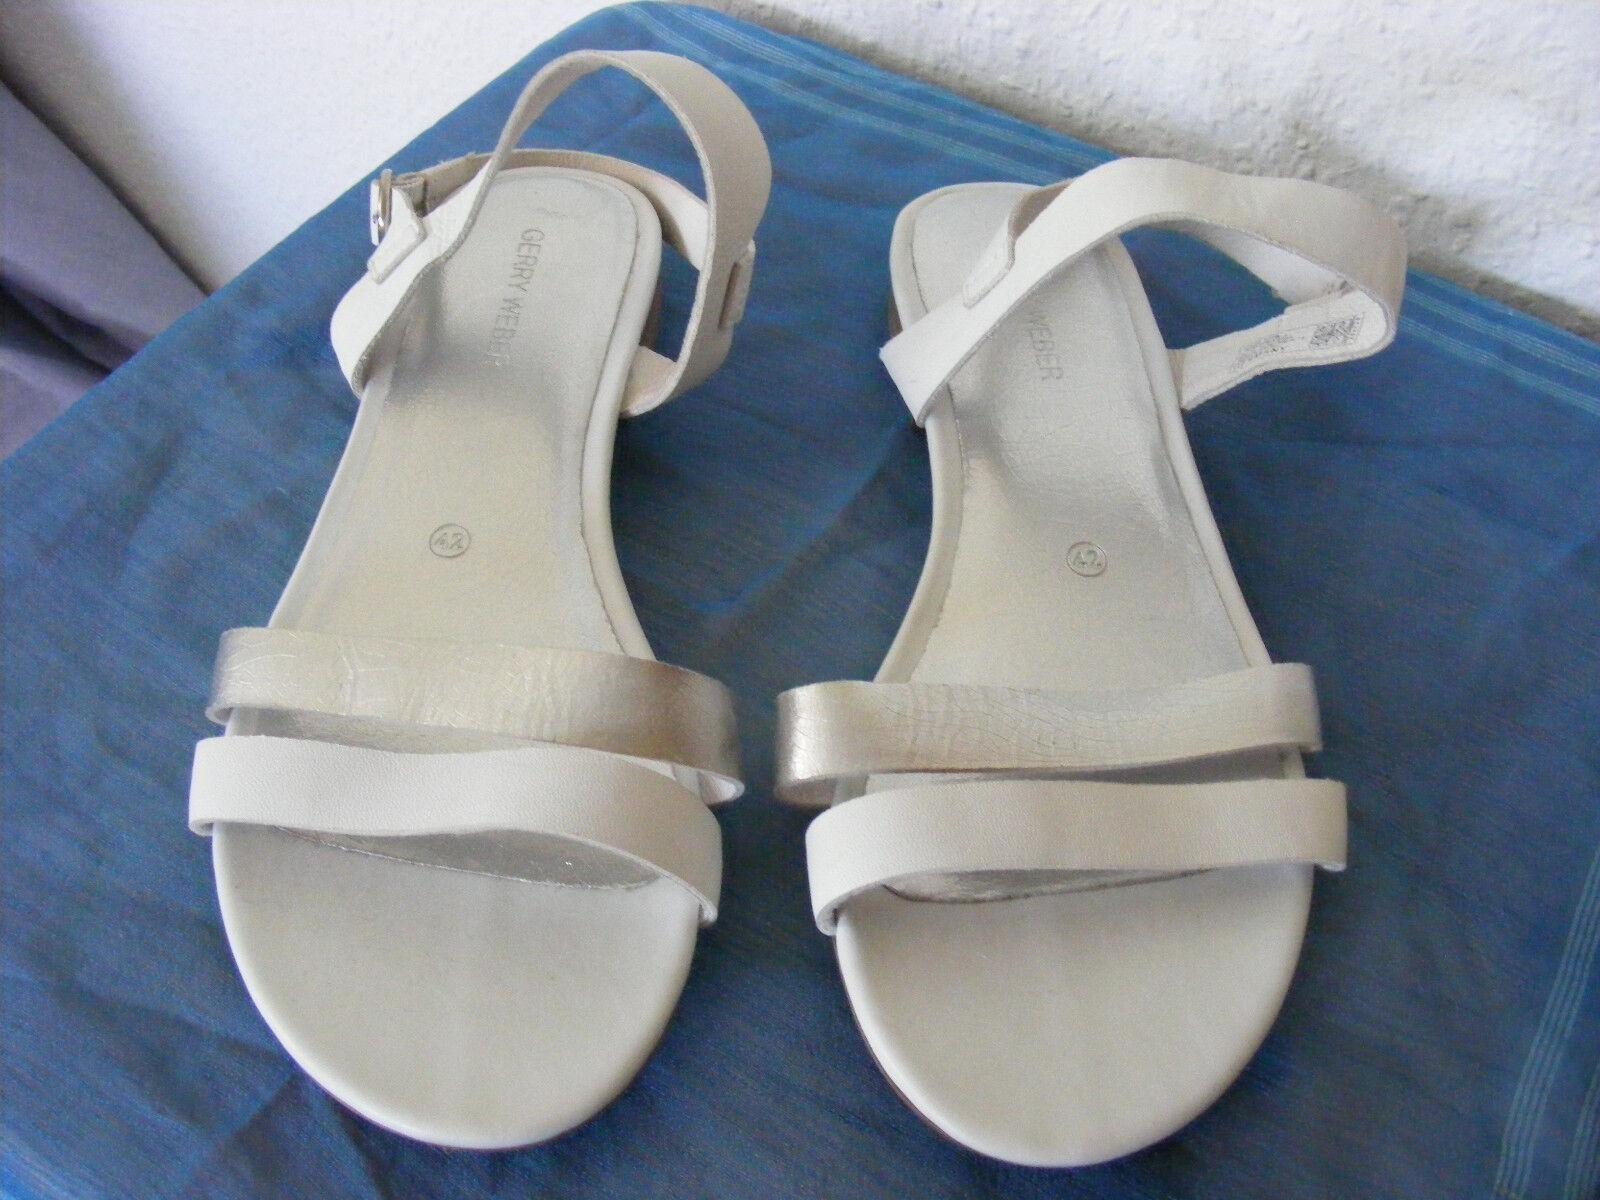 NEU NEU NEU Gr. 42 weiße Sandalen GERRY WEBER NEU weiß modern klassisch bequem flach d30f52